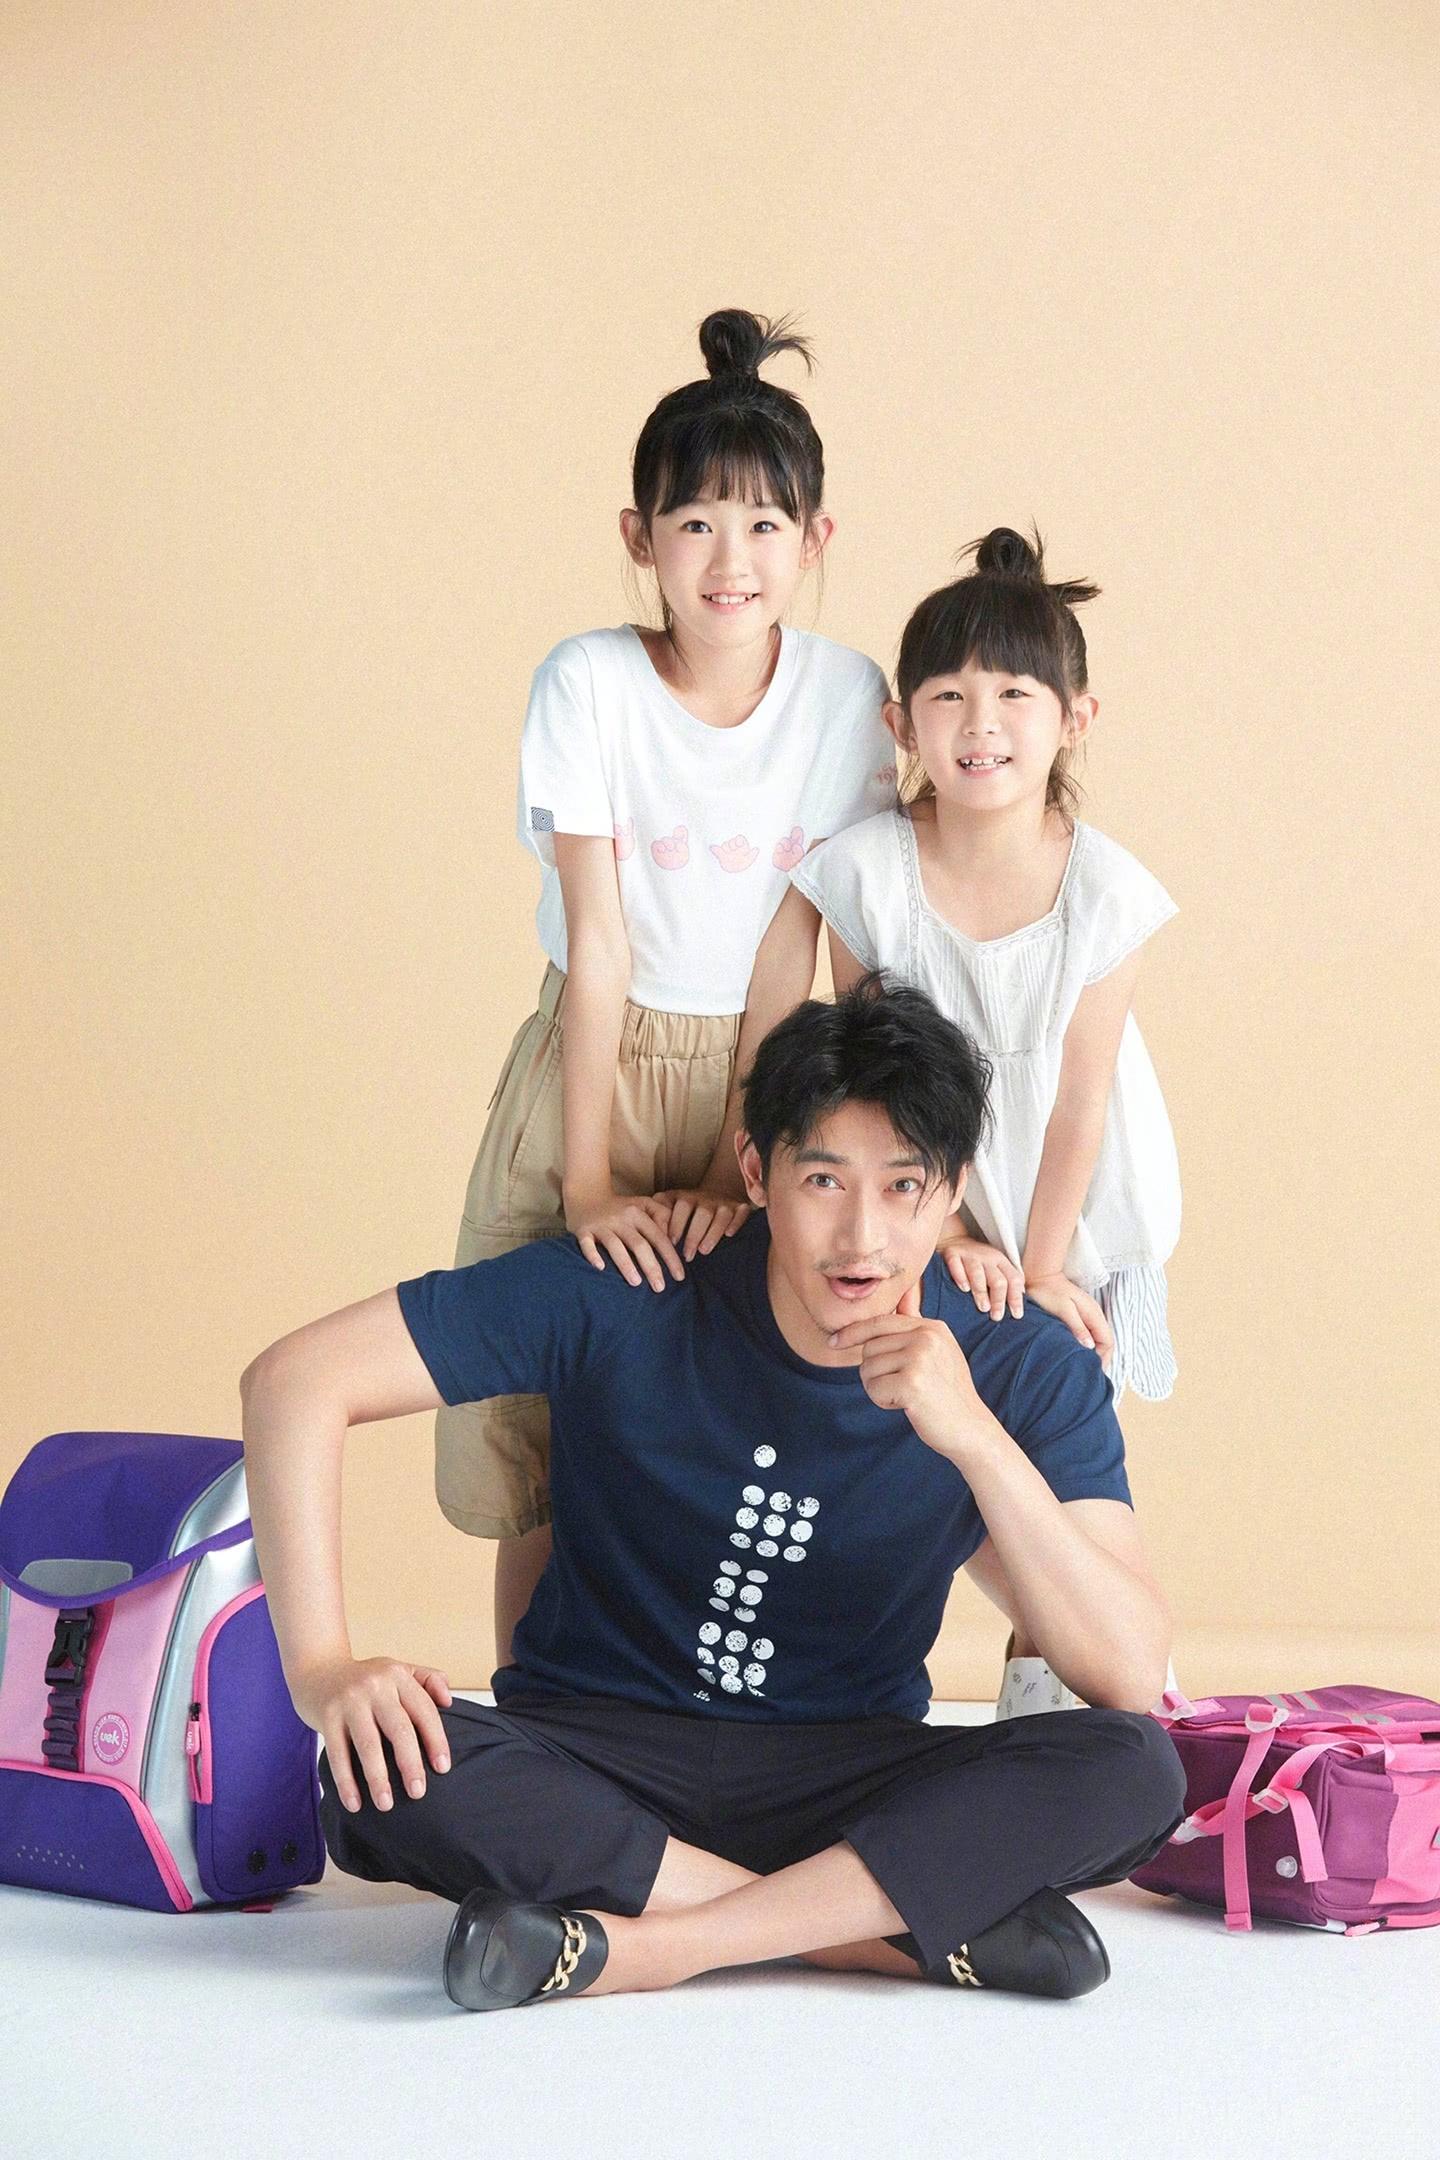 陆毅两个女儿长得太像?网友调侃这是开启了复制粘贴模式